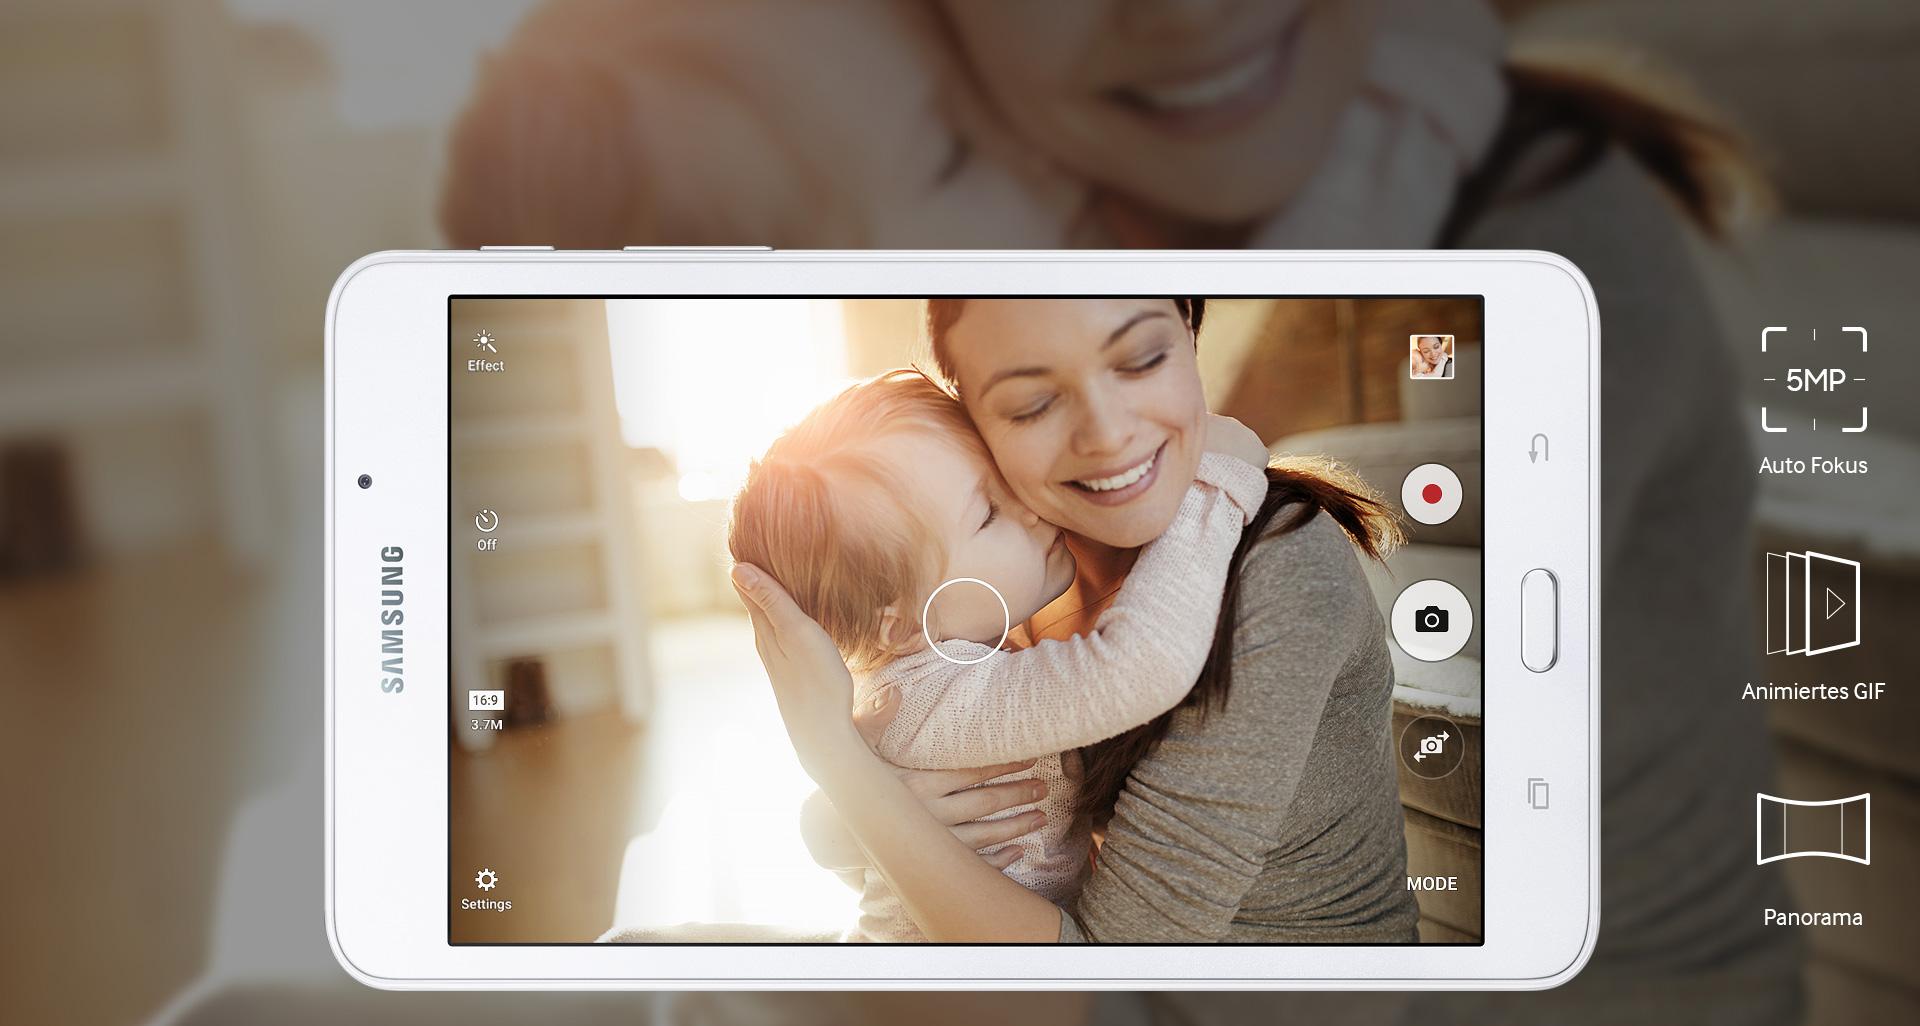 Samsung Galaxy Tab A 2016 (7-inch)